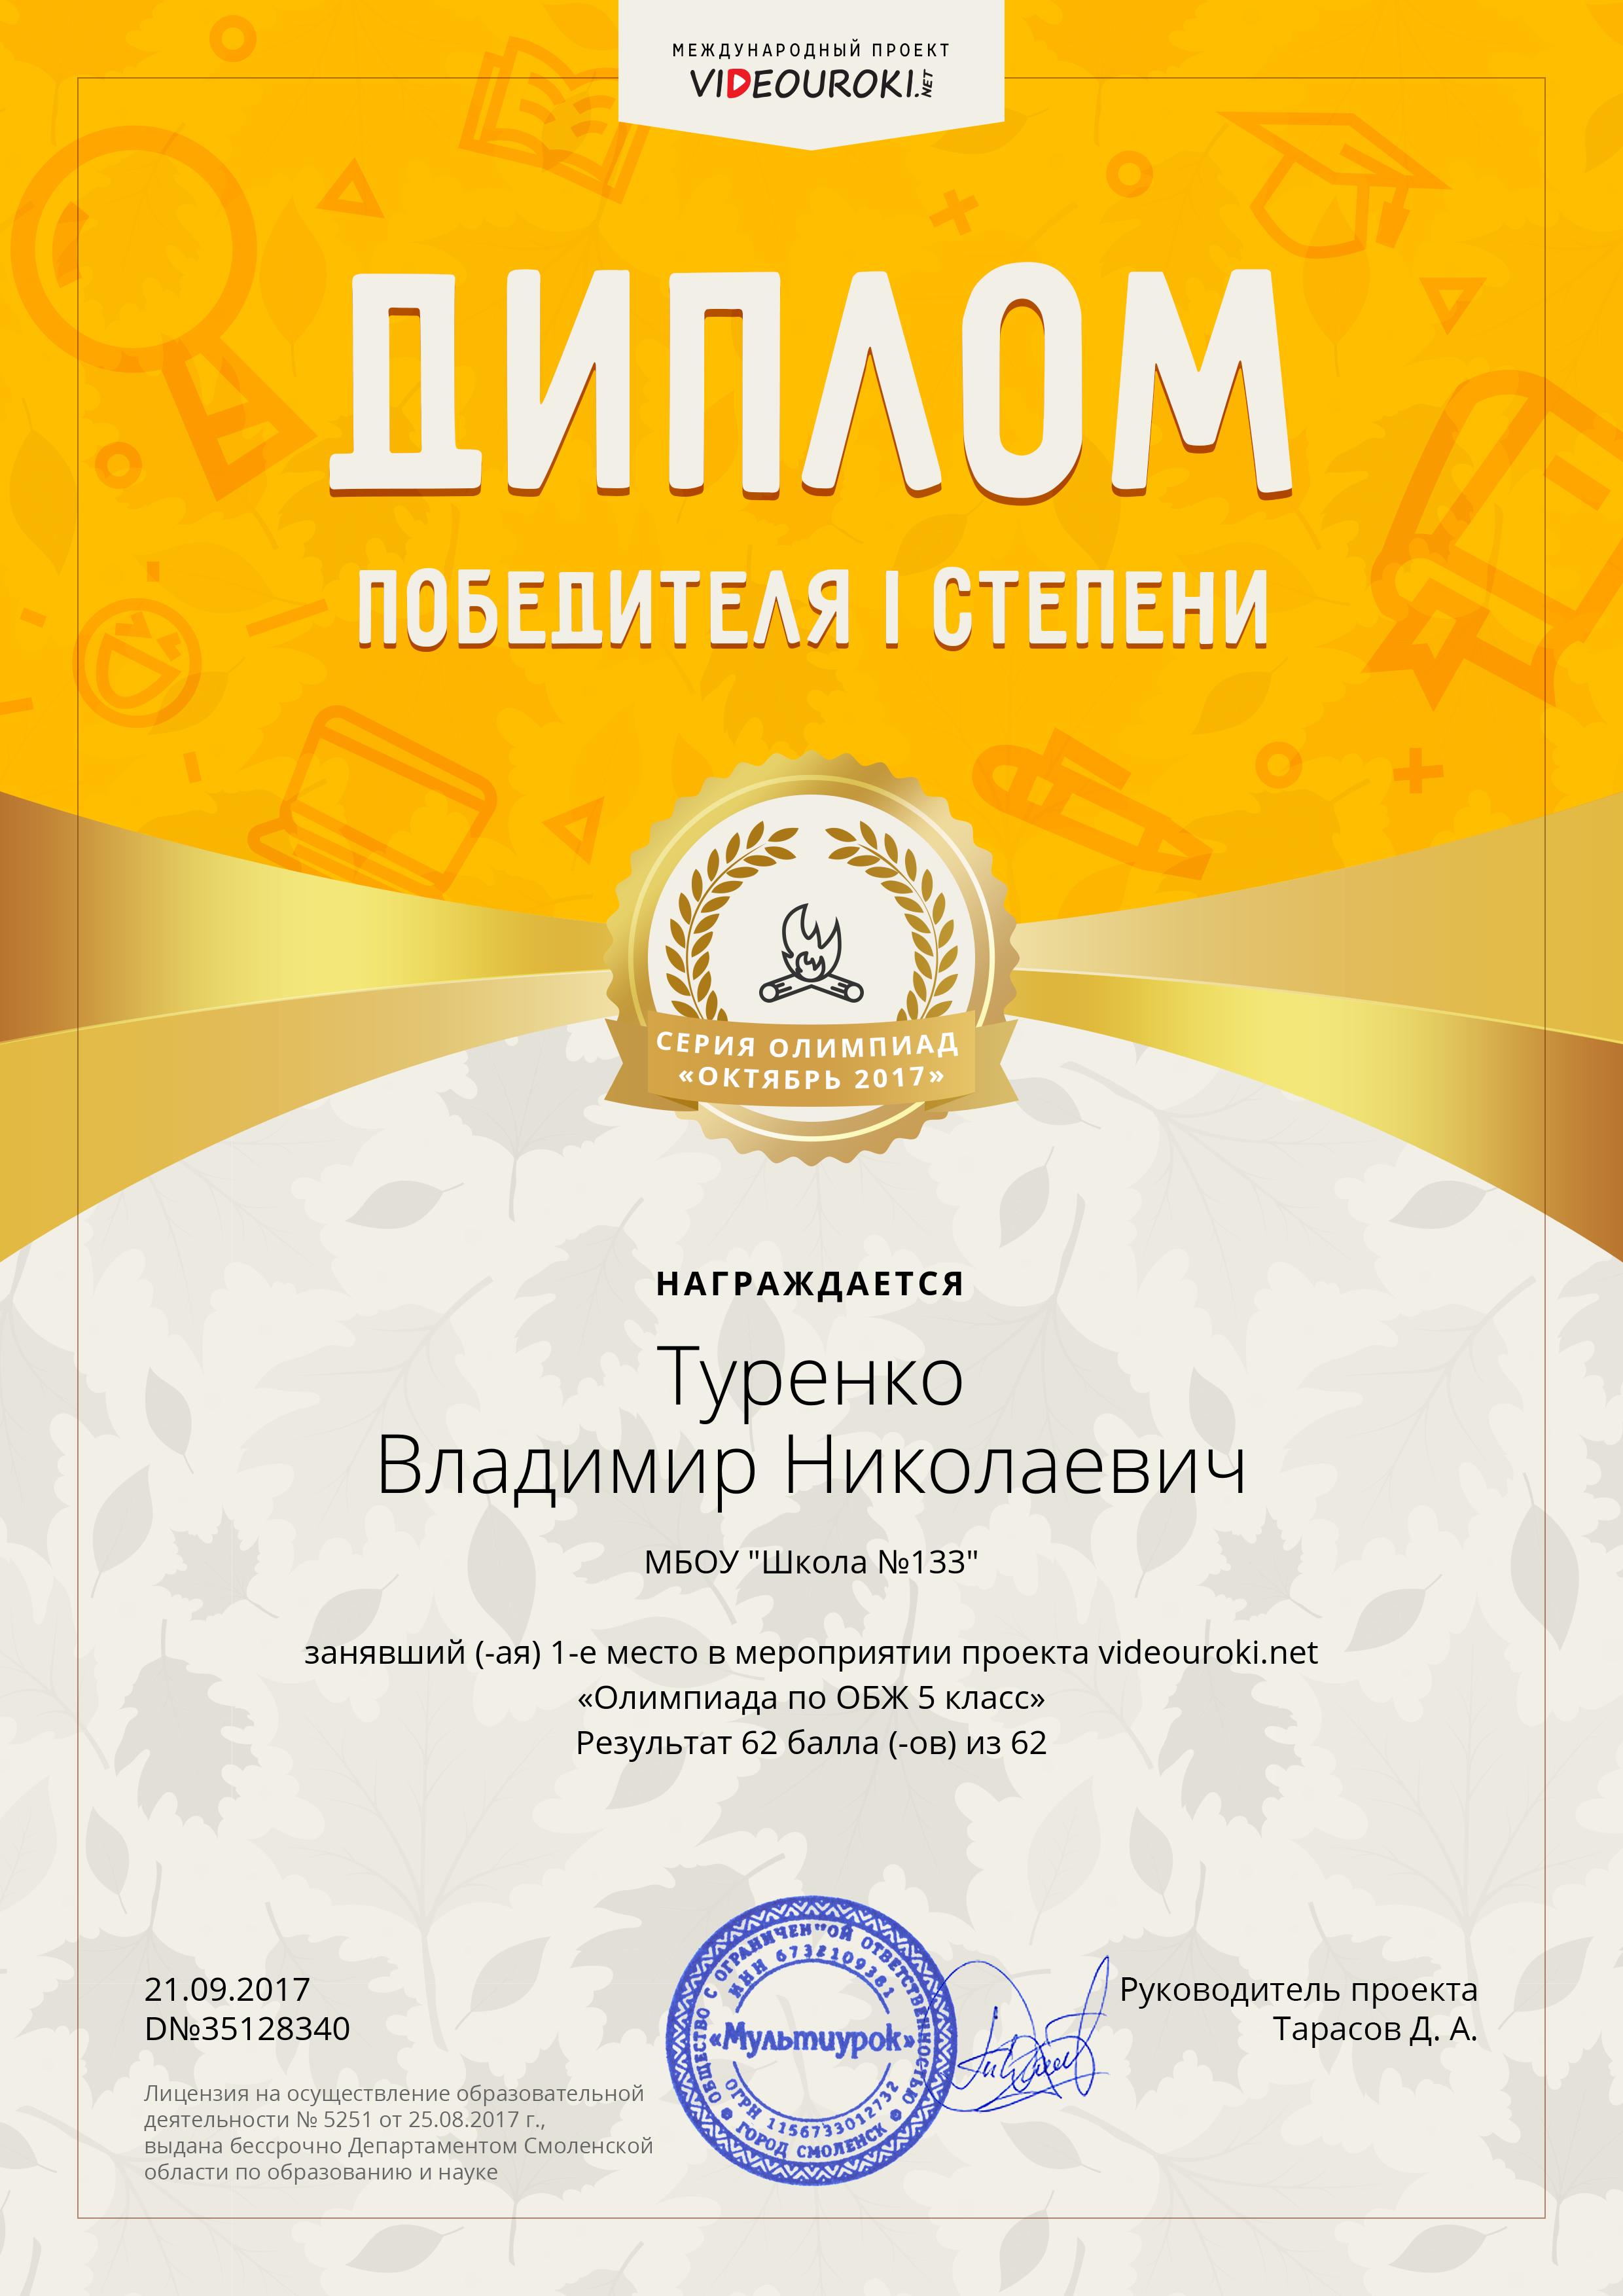 91493321. 35128340-Туренко Владимир Николаевич (1).png